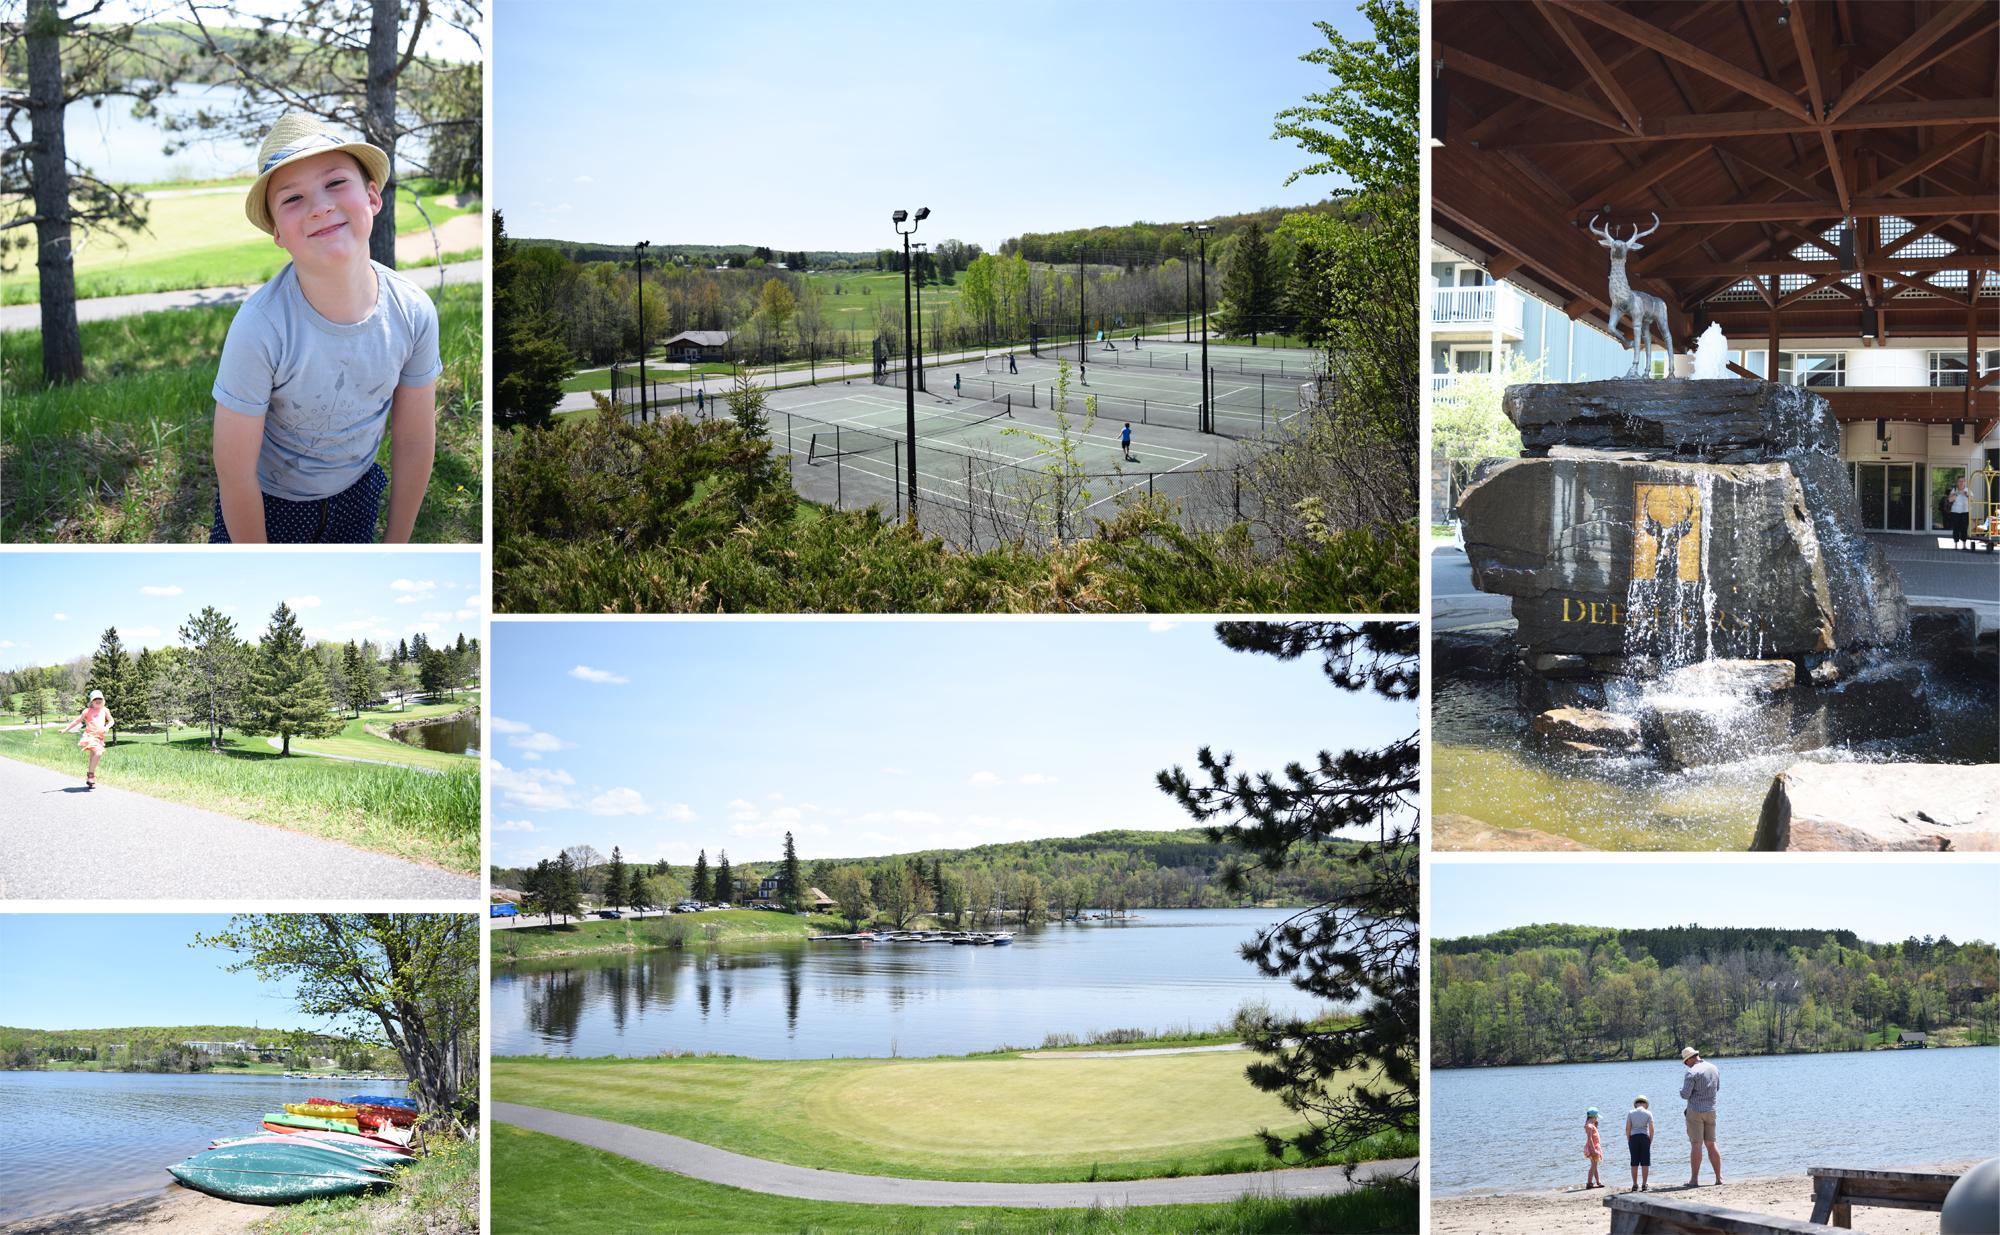 Deerhurst Resort - grounds